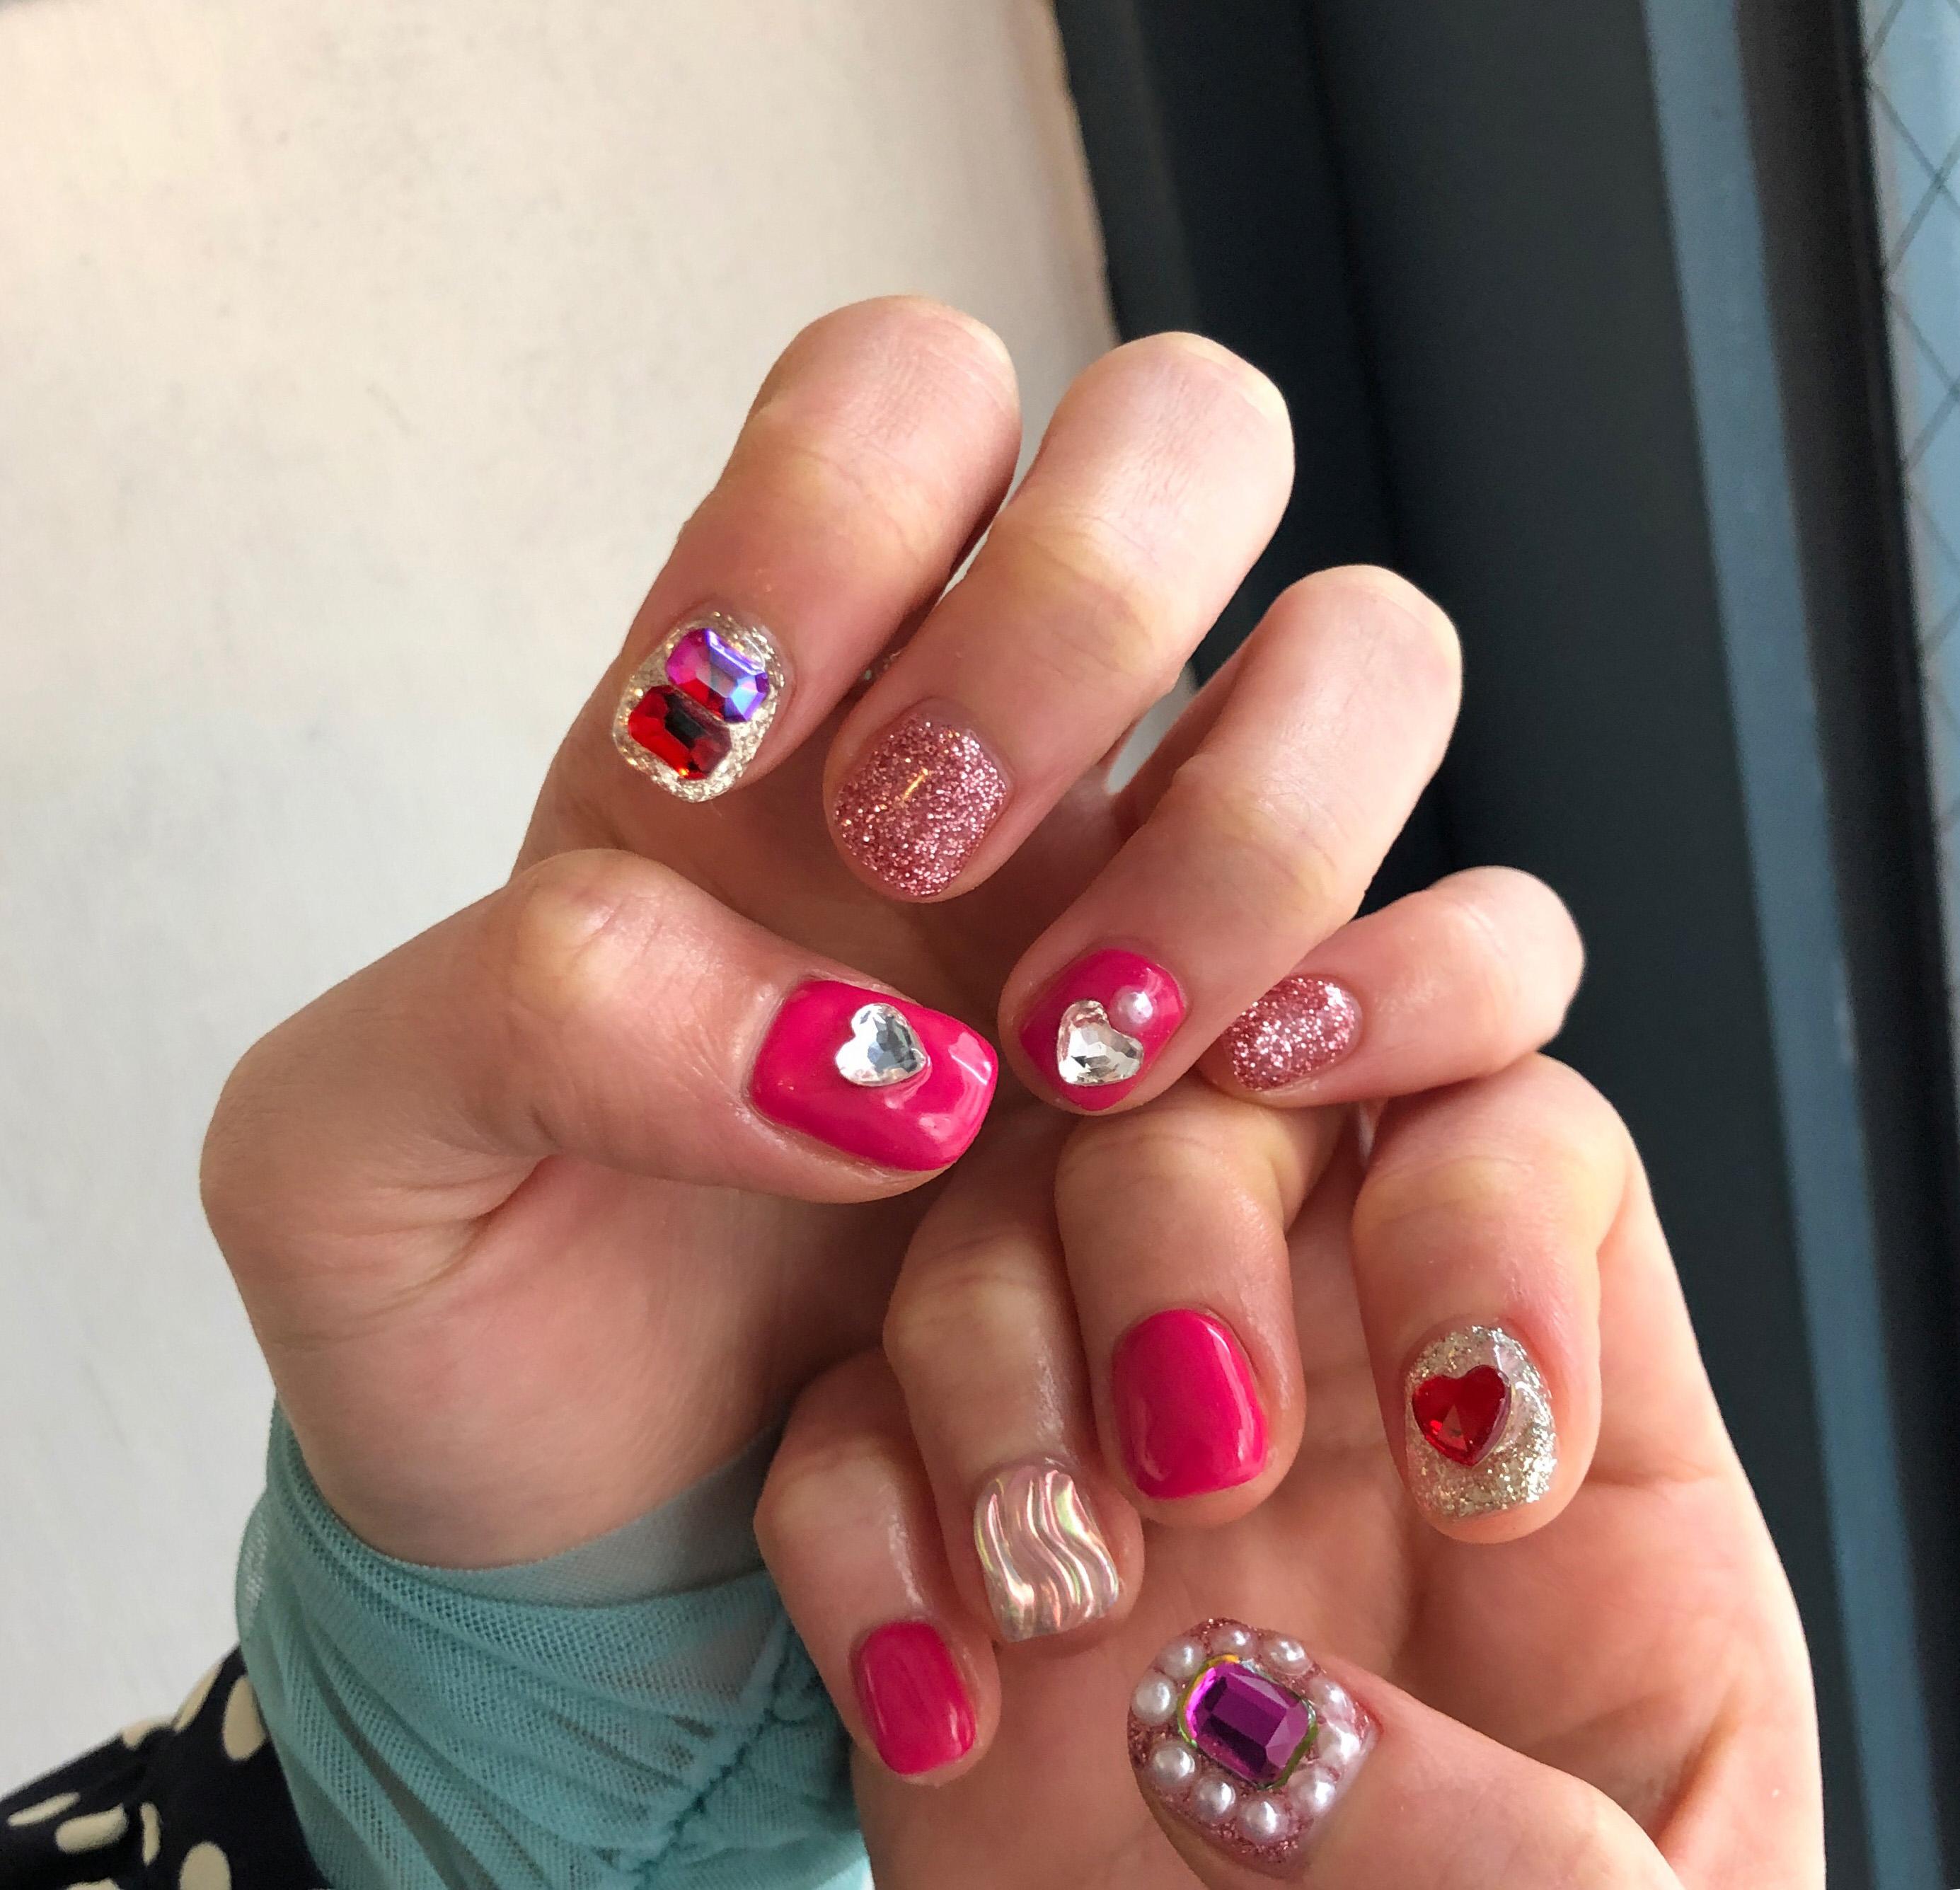 스퀘어,핑크,미러칩,진주